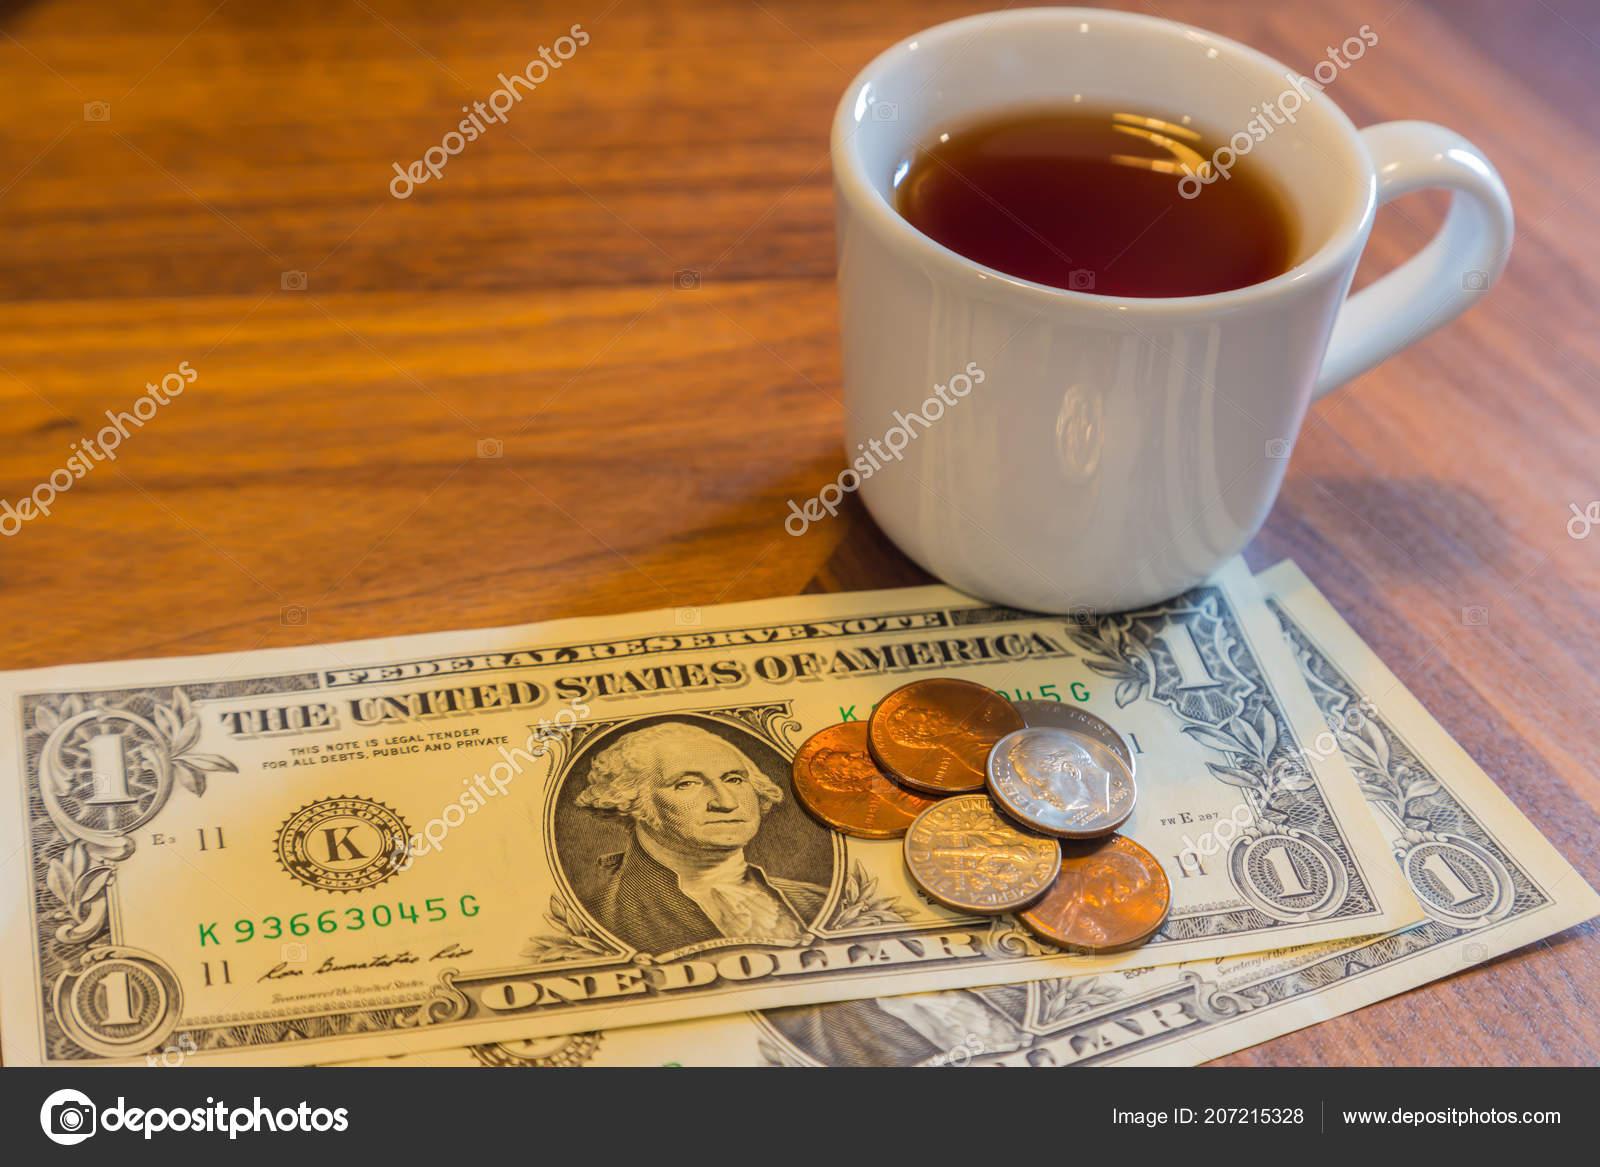 Как заказать золотую кредитную карту сбербанка